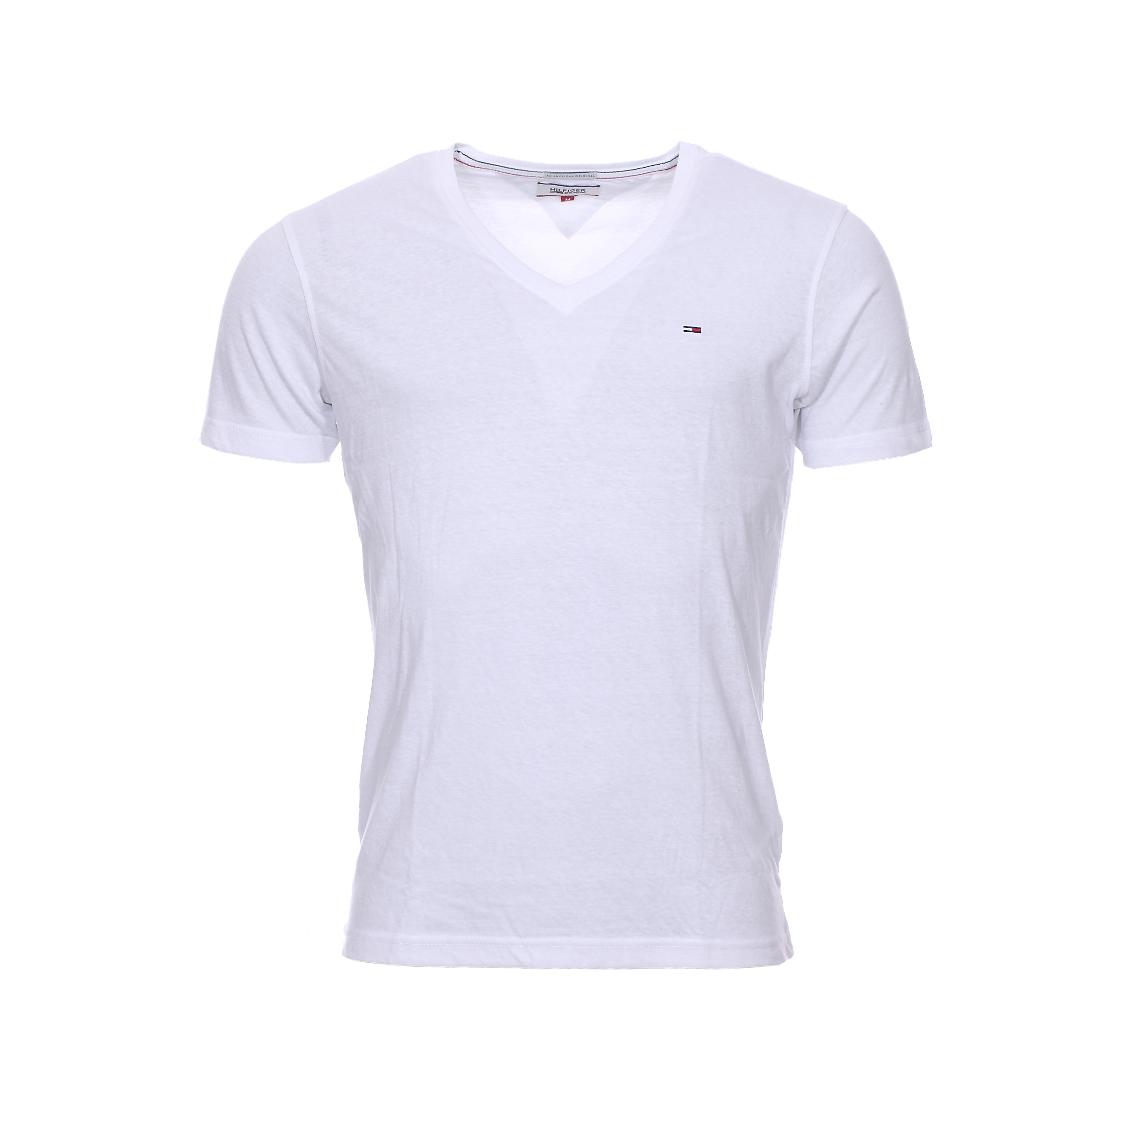 Tee-shirt col v  en coton mélangé blanc